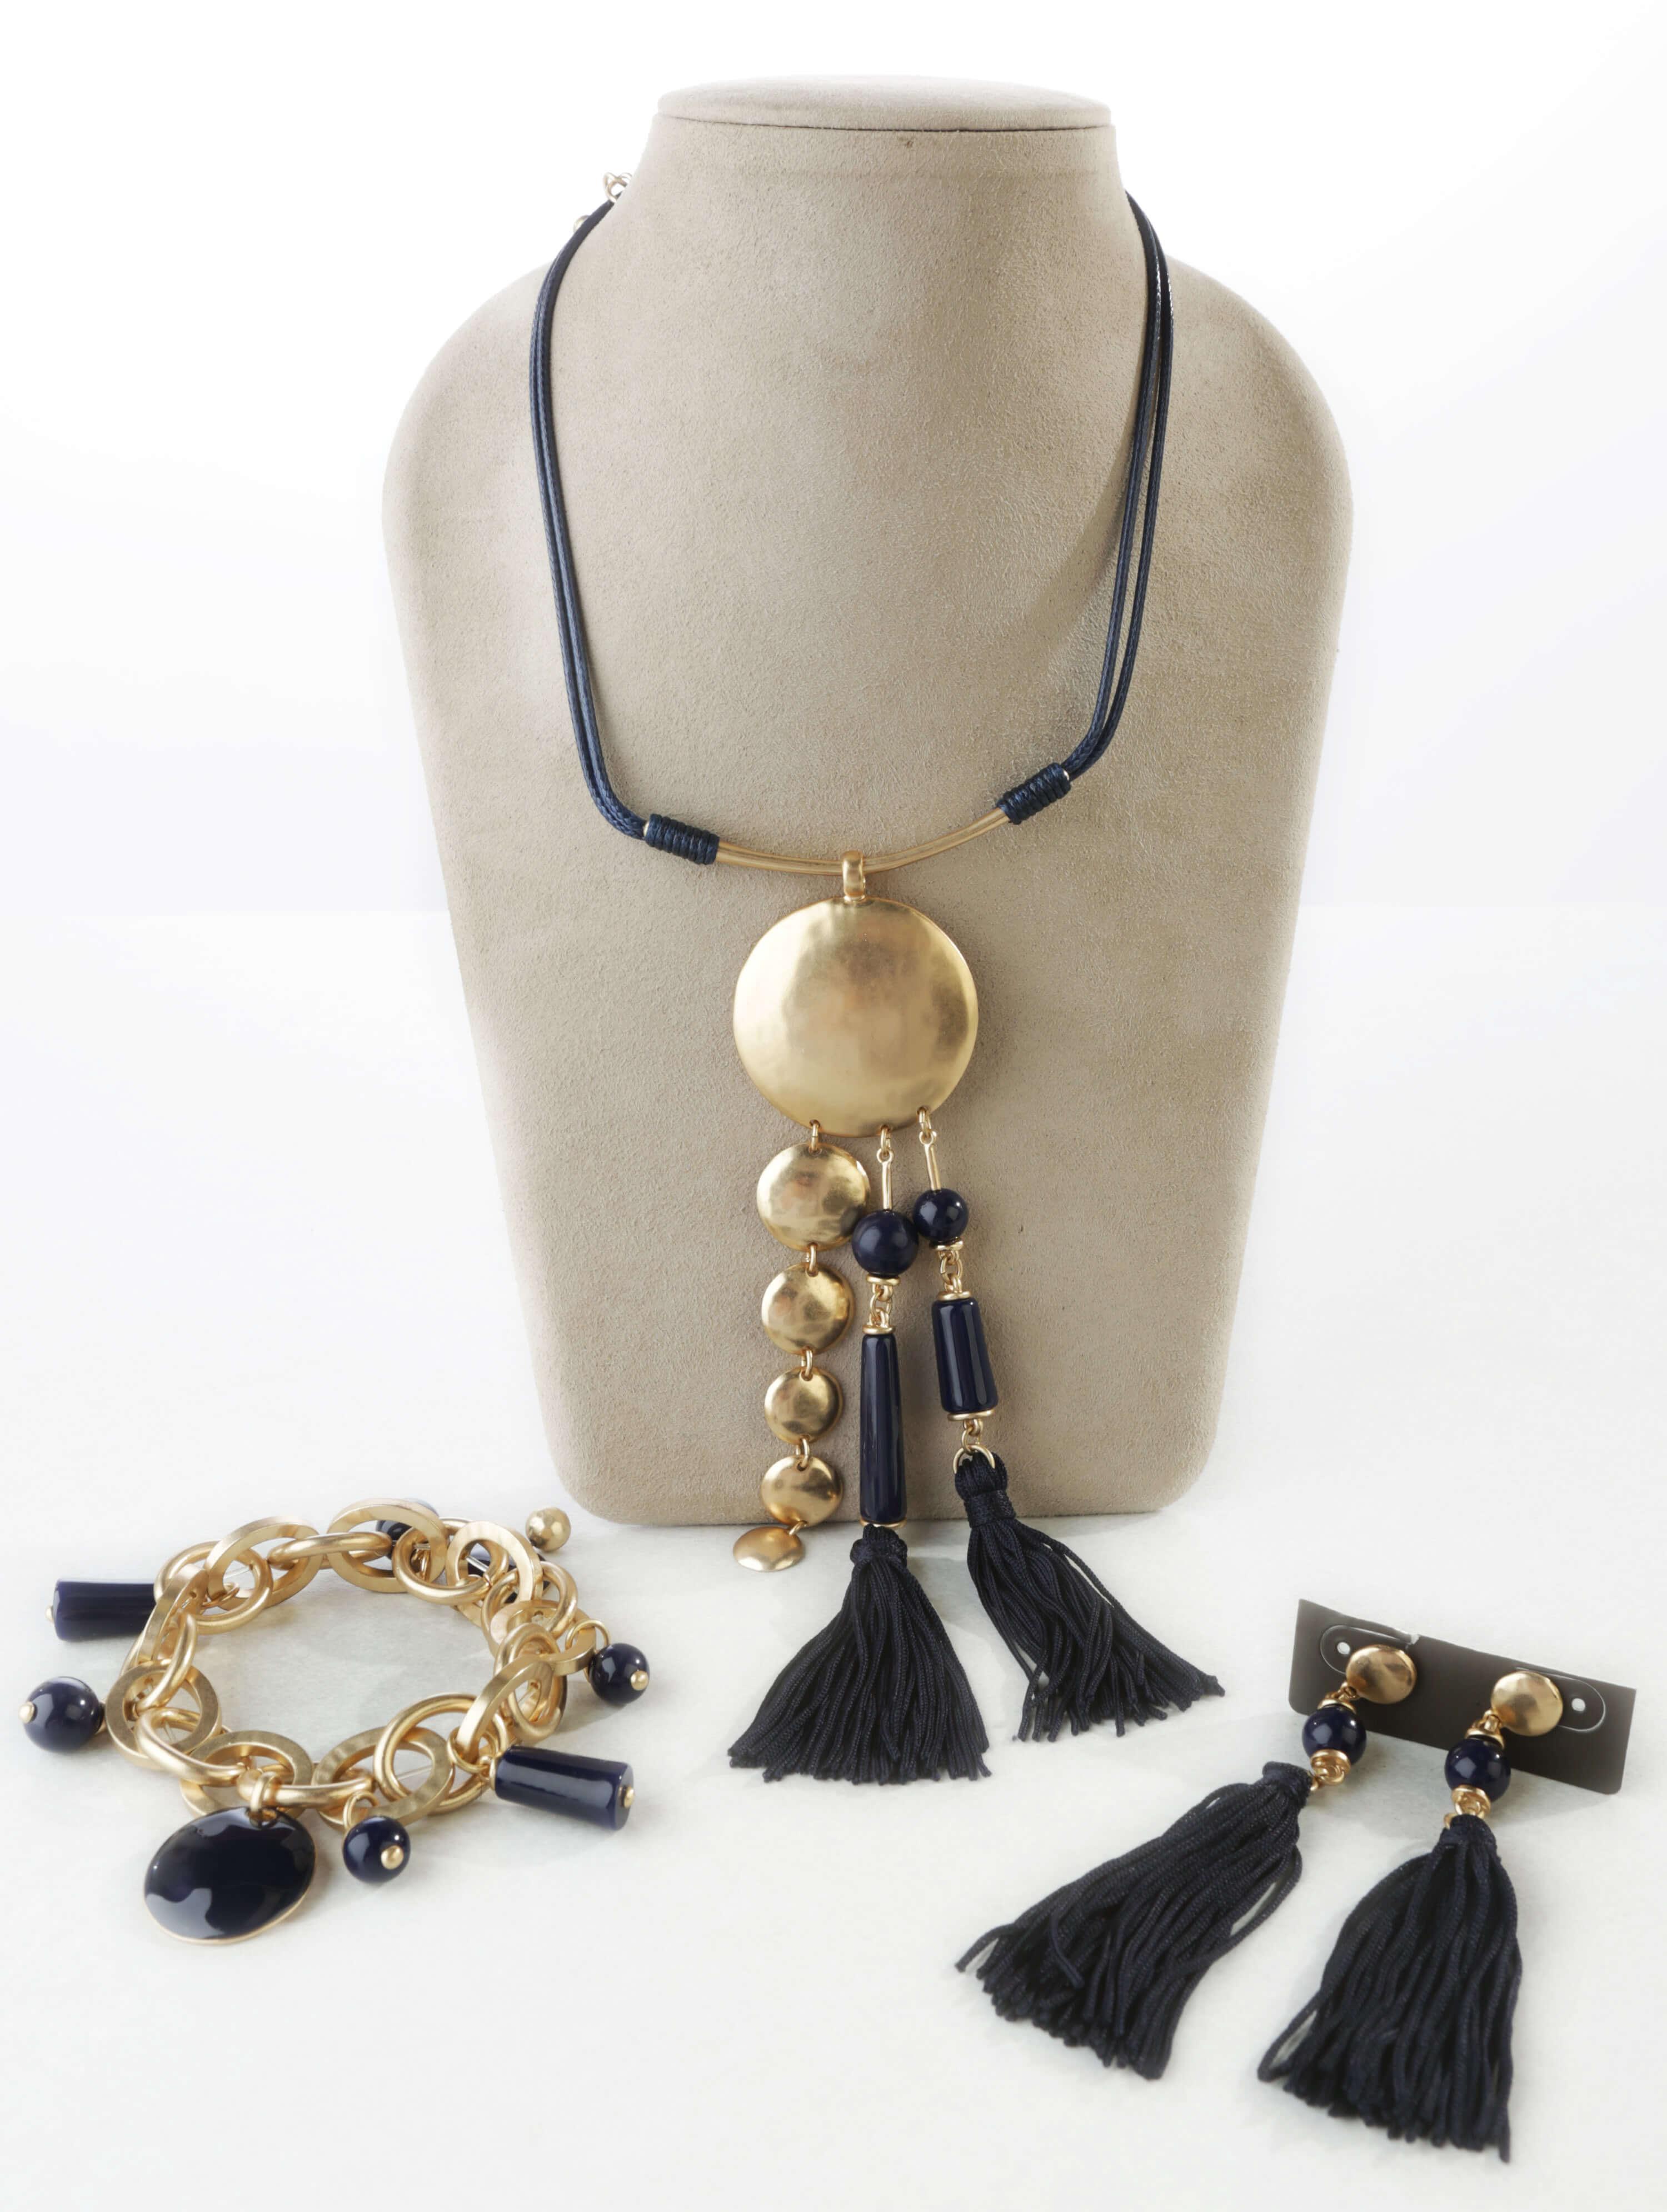 Three-piece jewelry set